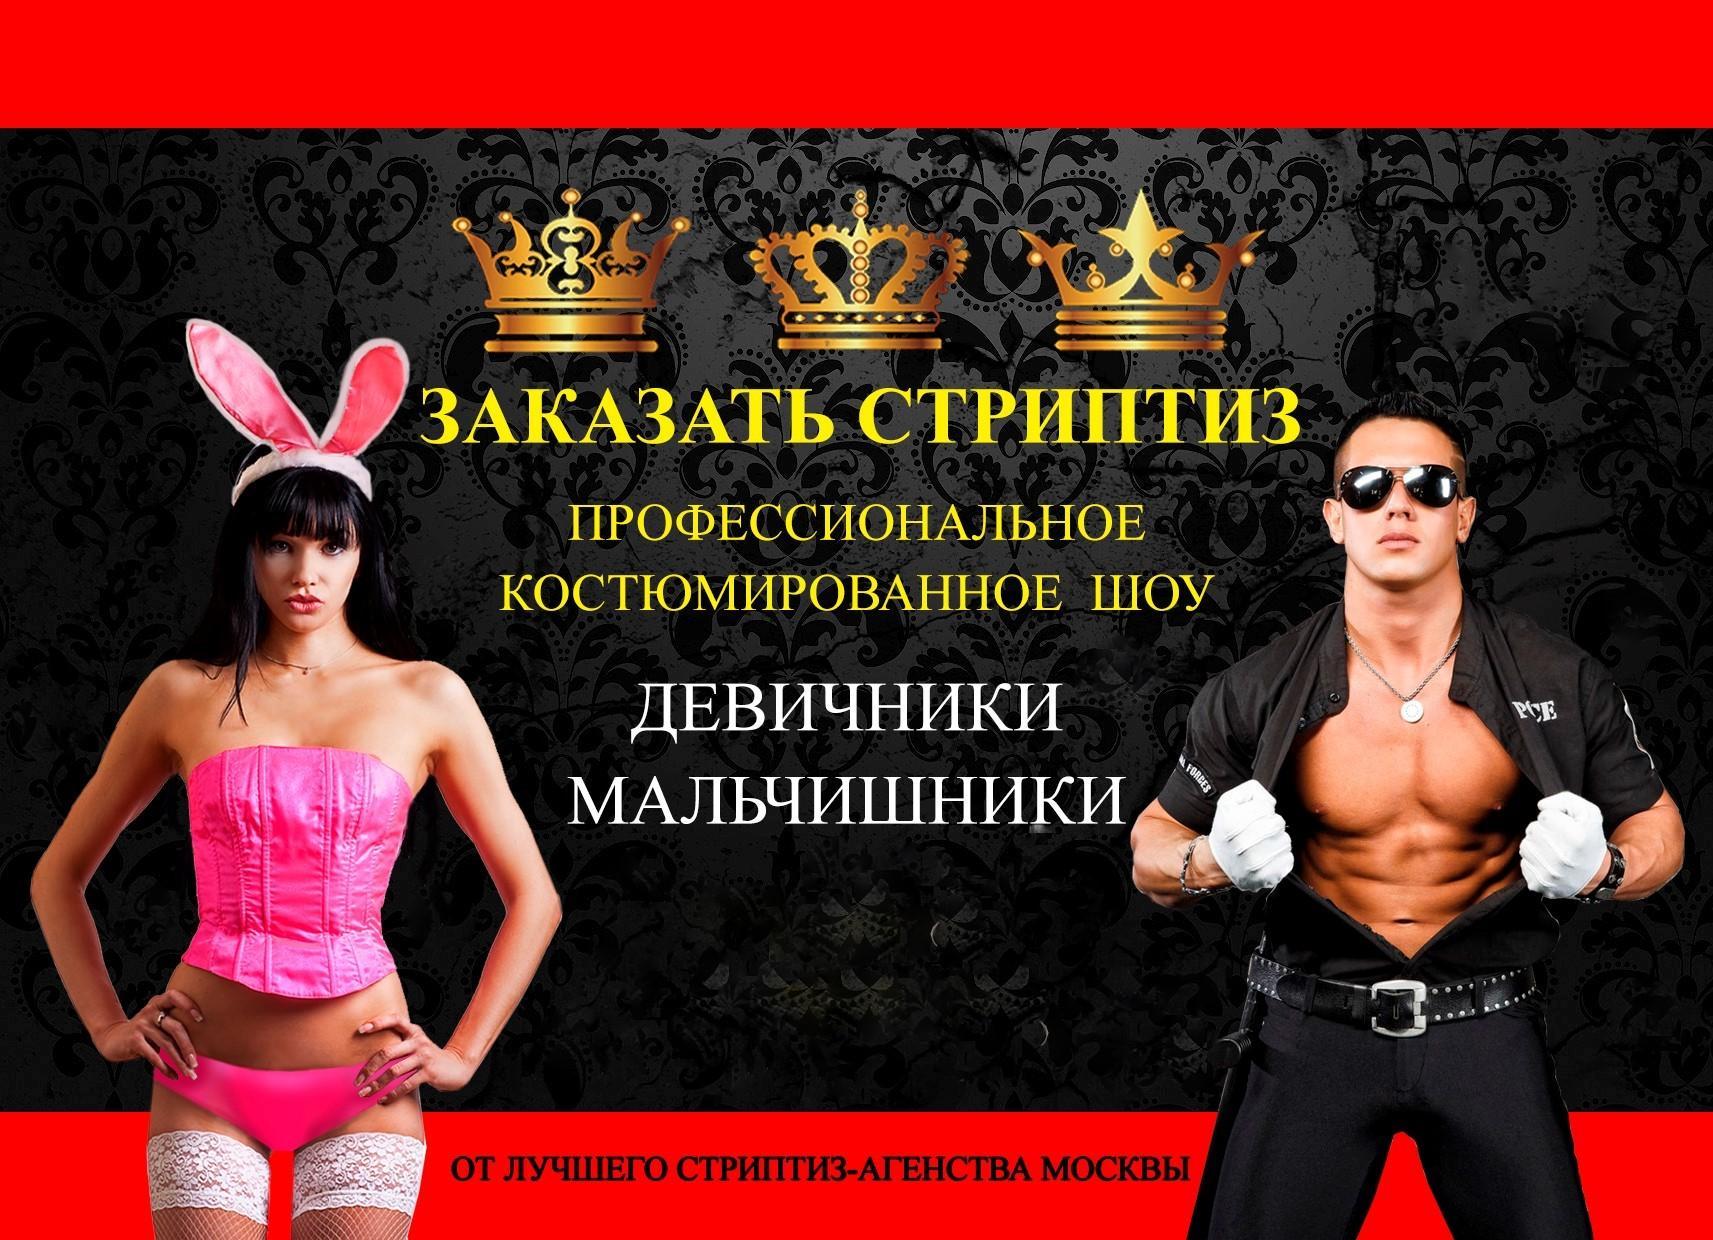 Заказать стриптиз Москва